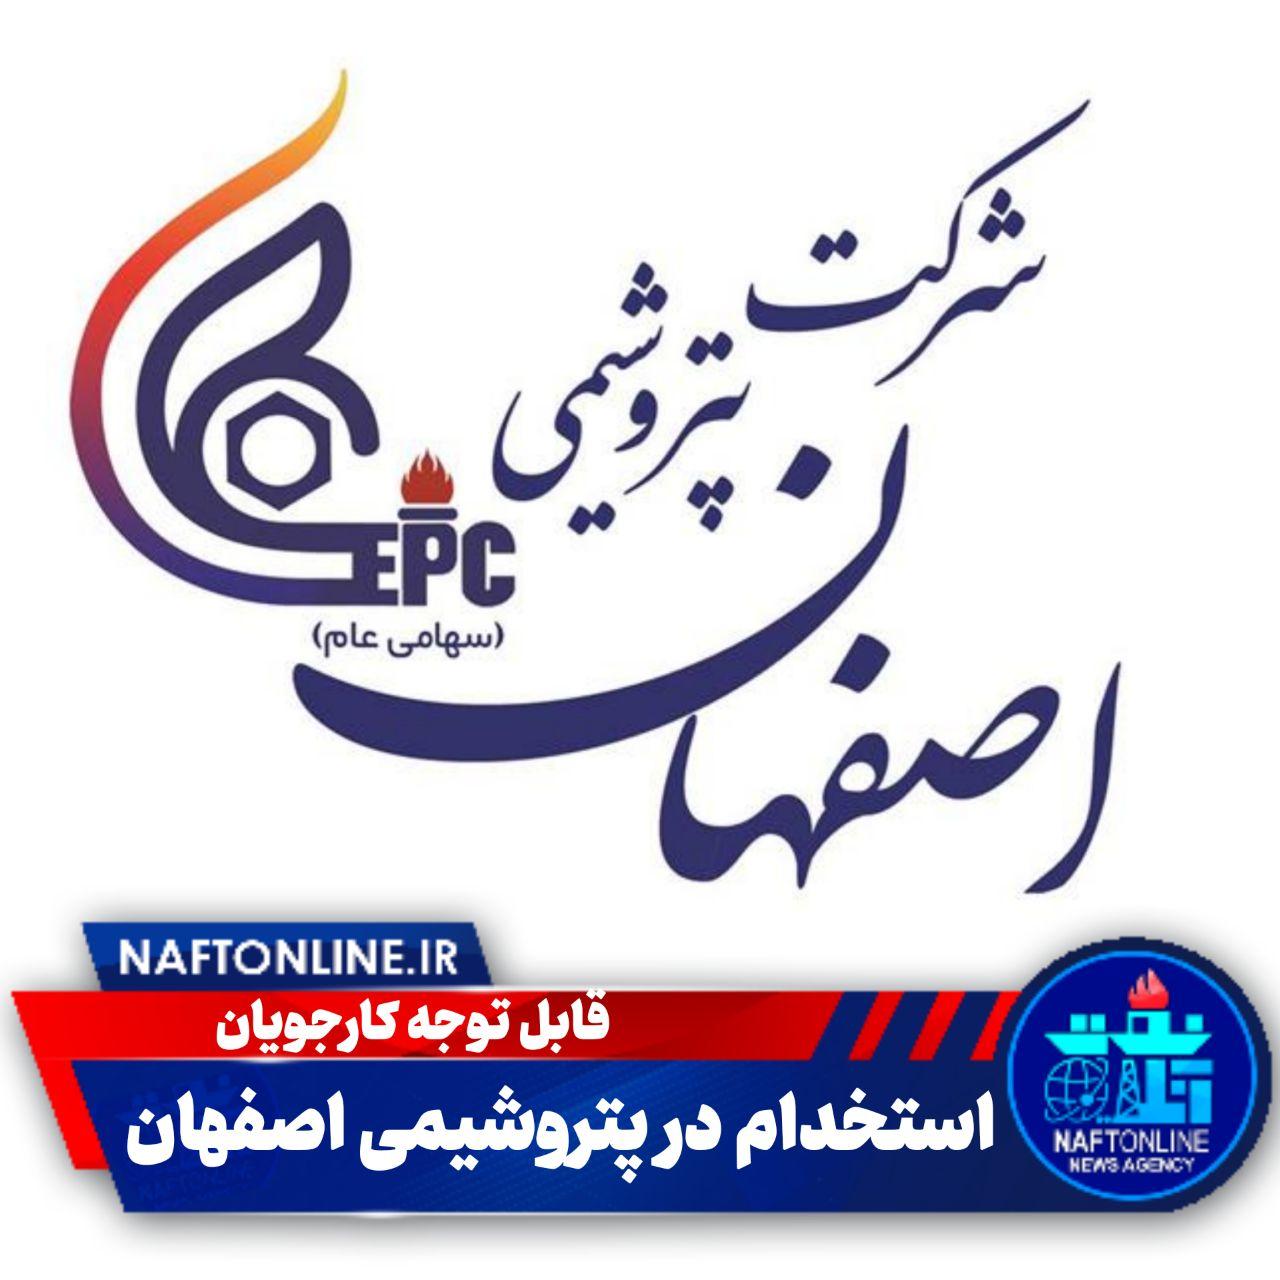 اخبار استخدامی | نفت آنلاین | استخدام پتروشیمی اصفهان